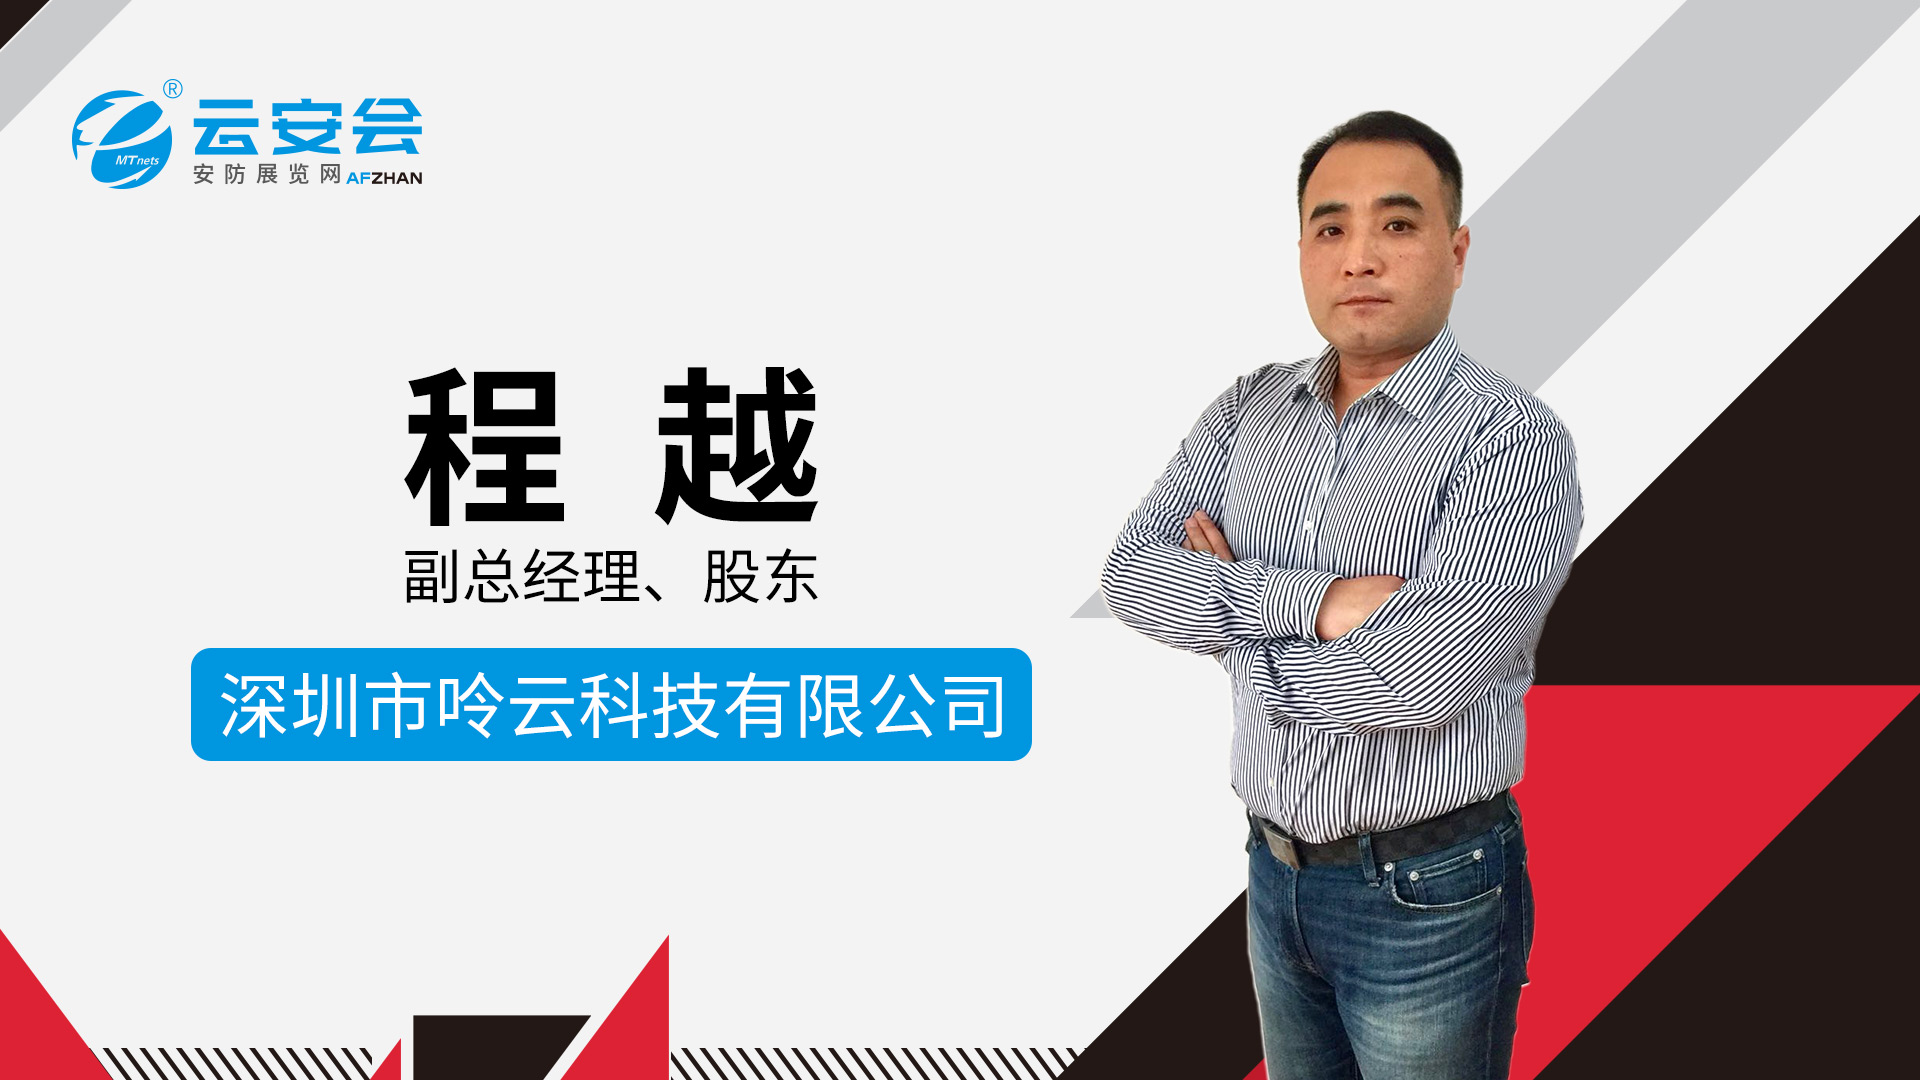 云�L�-�TL深圳市呤云科技有限公司副��理程越